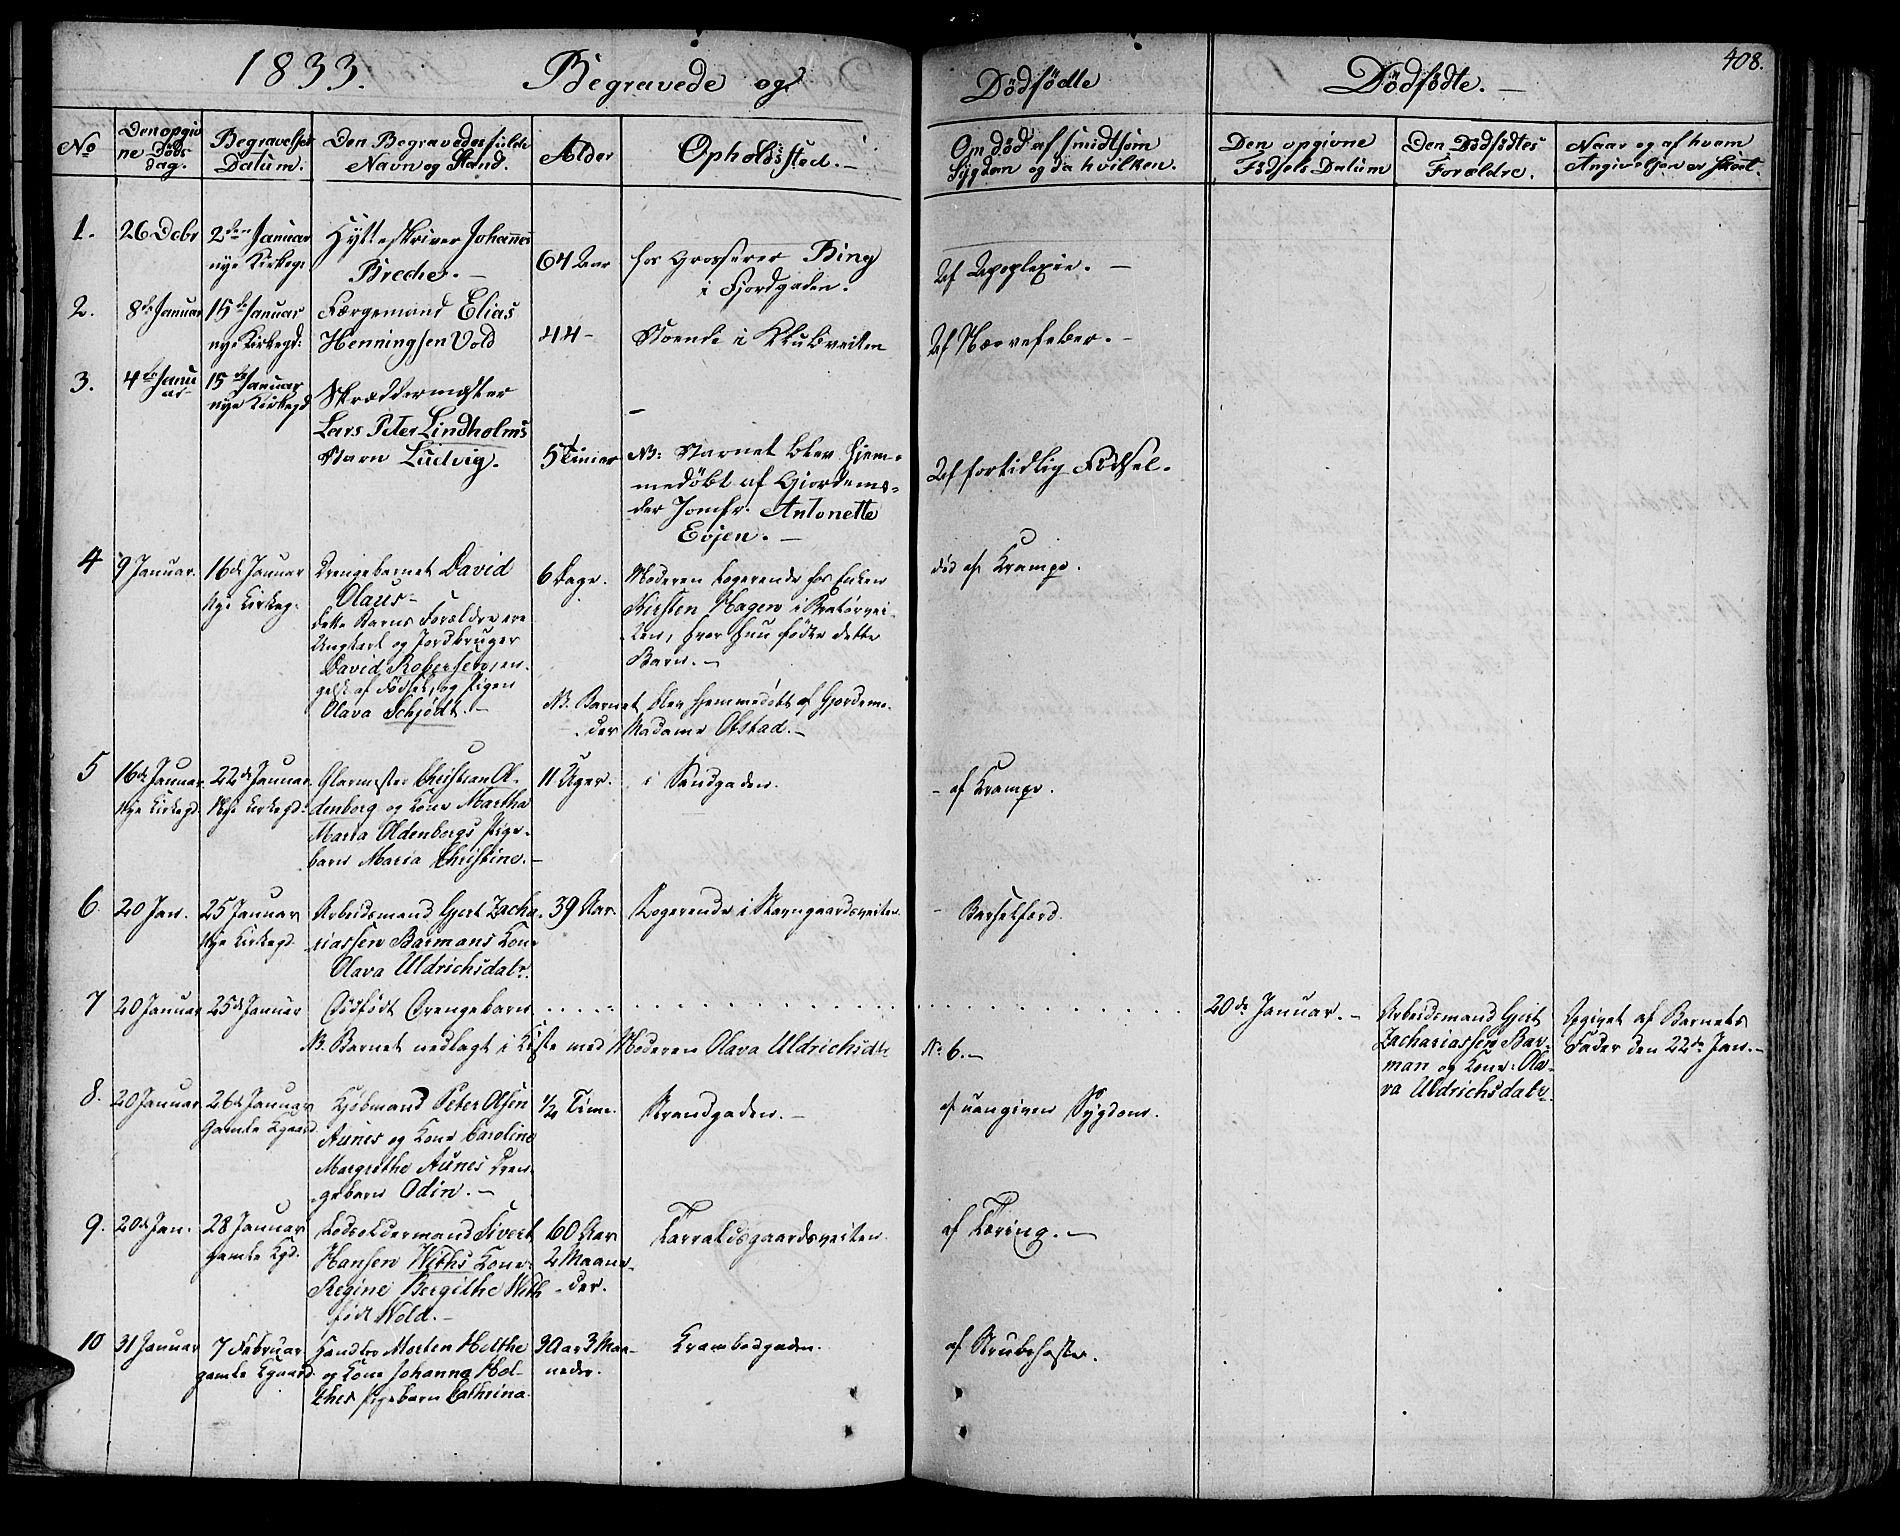 SAT, Ministerialprotokoller, klokkerbøker og fødselsregistre - Sør-Trøndelag, 602/L0109: Ministerialbok nr. 602A07, 1821-1840, s. 408